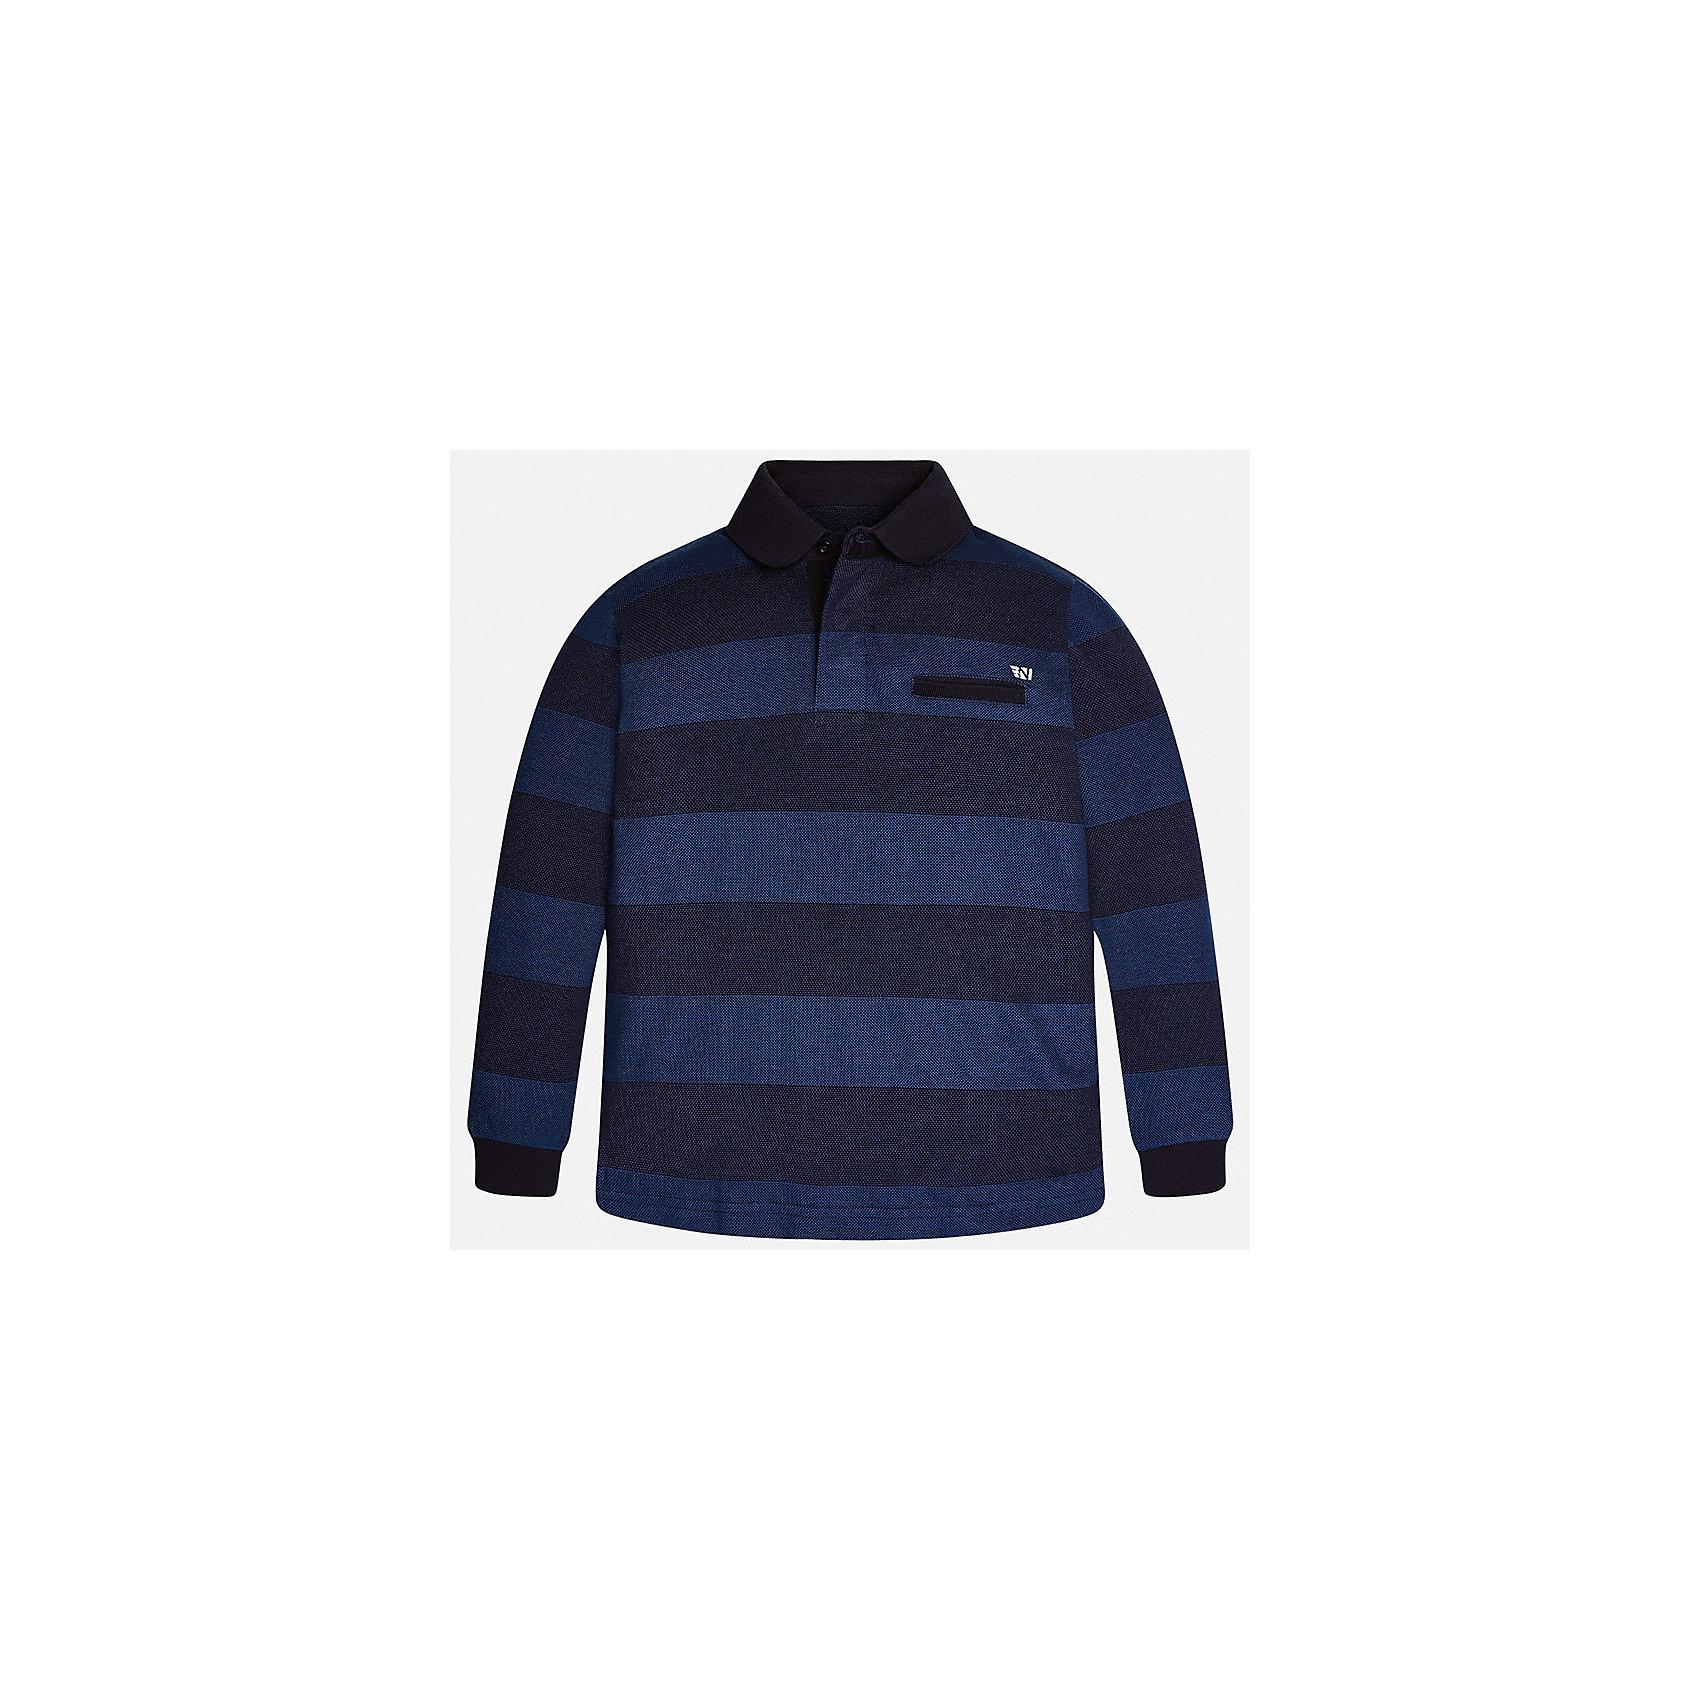 Футболка-поло с длинным рукавом для мальчика MayoralФутболки с длинным рукавом<br>Характеристики товара:<br><br>• цвет: черный/синий<br>• состав ткани: 100% хлопок<br>• сезон: демисезон<br>• особенности модели: отложной воротник<br>• застежка: пуговицы<br>• длинные рукава<br>• страна бренда: Испания<br>• страна изготовитель: Индия<br><br>Черная детская рубашка-поло с длинным рукавом сделана из дышащего приятного на ощупь материала. Благодаря продуманному крою детской футболки-поло создаются комфортные условия для тела. рубашка-поло с длинным рукавом для мальчика отличается стильным продуманным дизайном.<br><br>Рубашку-поло с длинным рукавом для мальчика Mayoral (Майорал) можно купить в нашем интернет-магазине.<br><br>Ширина мм: 230<br>Глубина мм: 40<br>Высота мм: 220<br>Вес г: 250<br>Цвет: черный<br>Возраст от месяцев: 156<br>Возраст до месяцев: 168<br>Пол: Мужской<br>Возраст: Детский<br>Размер: 164,170,140,152,158<br>SKU: 6933508